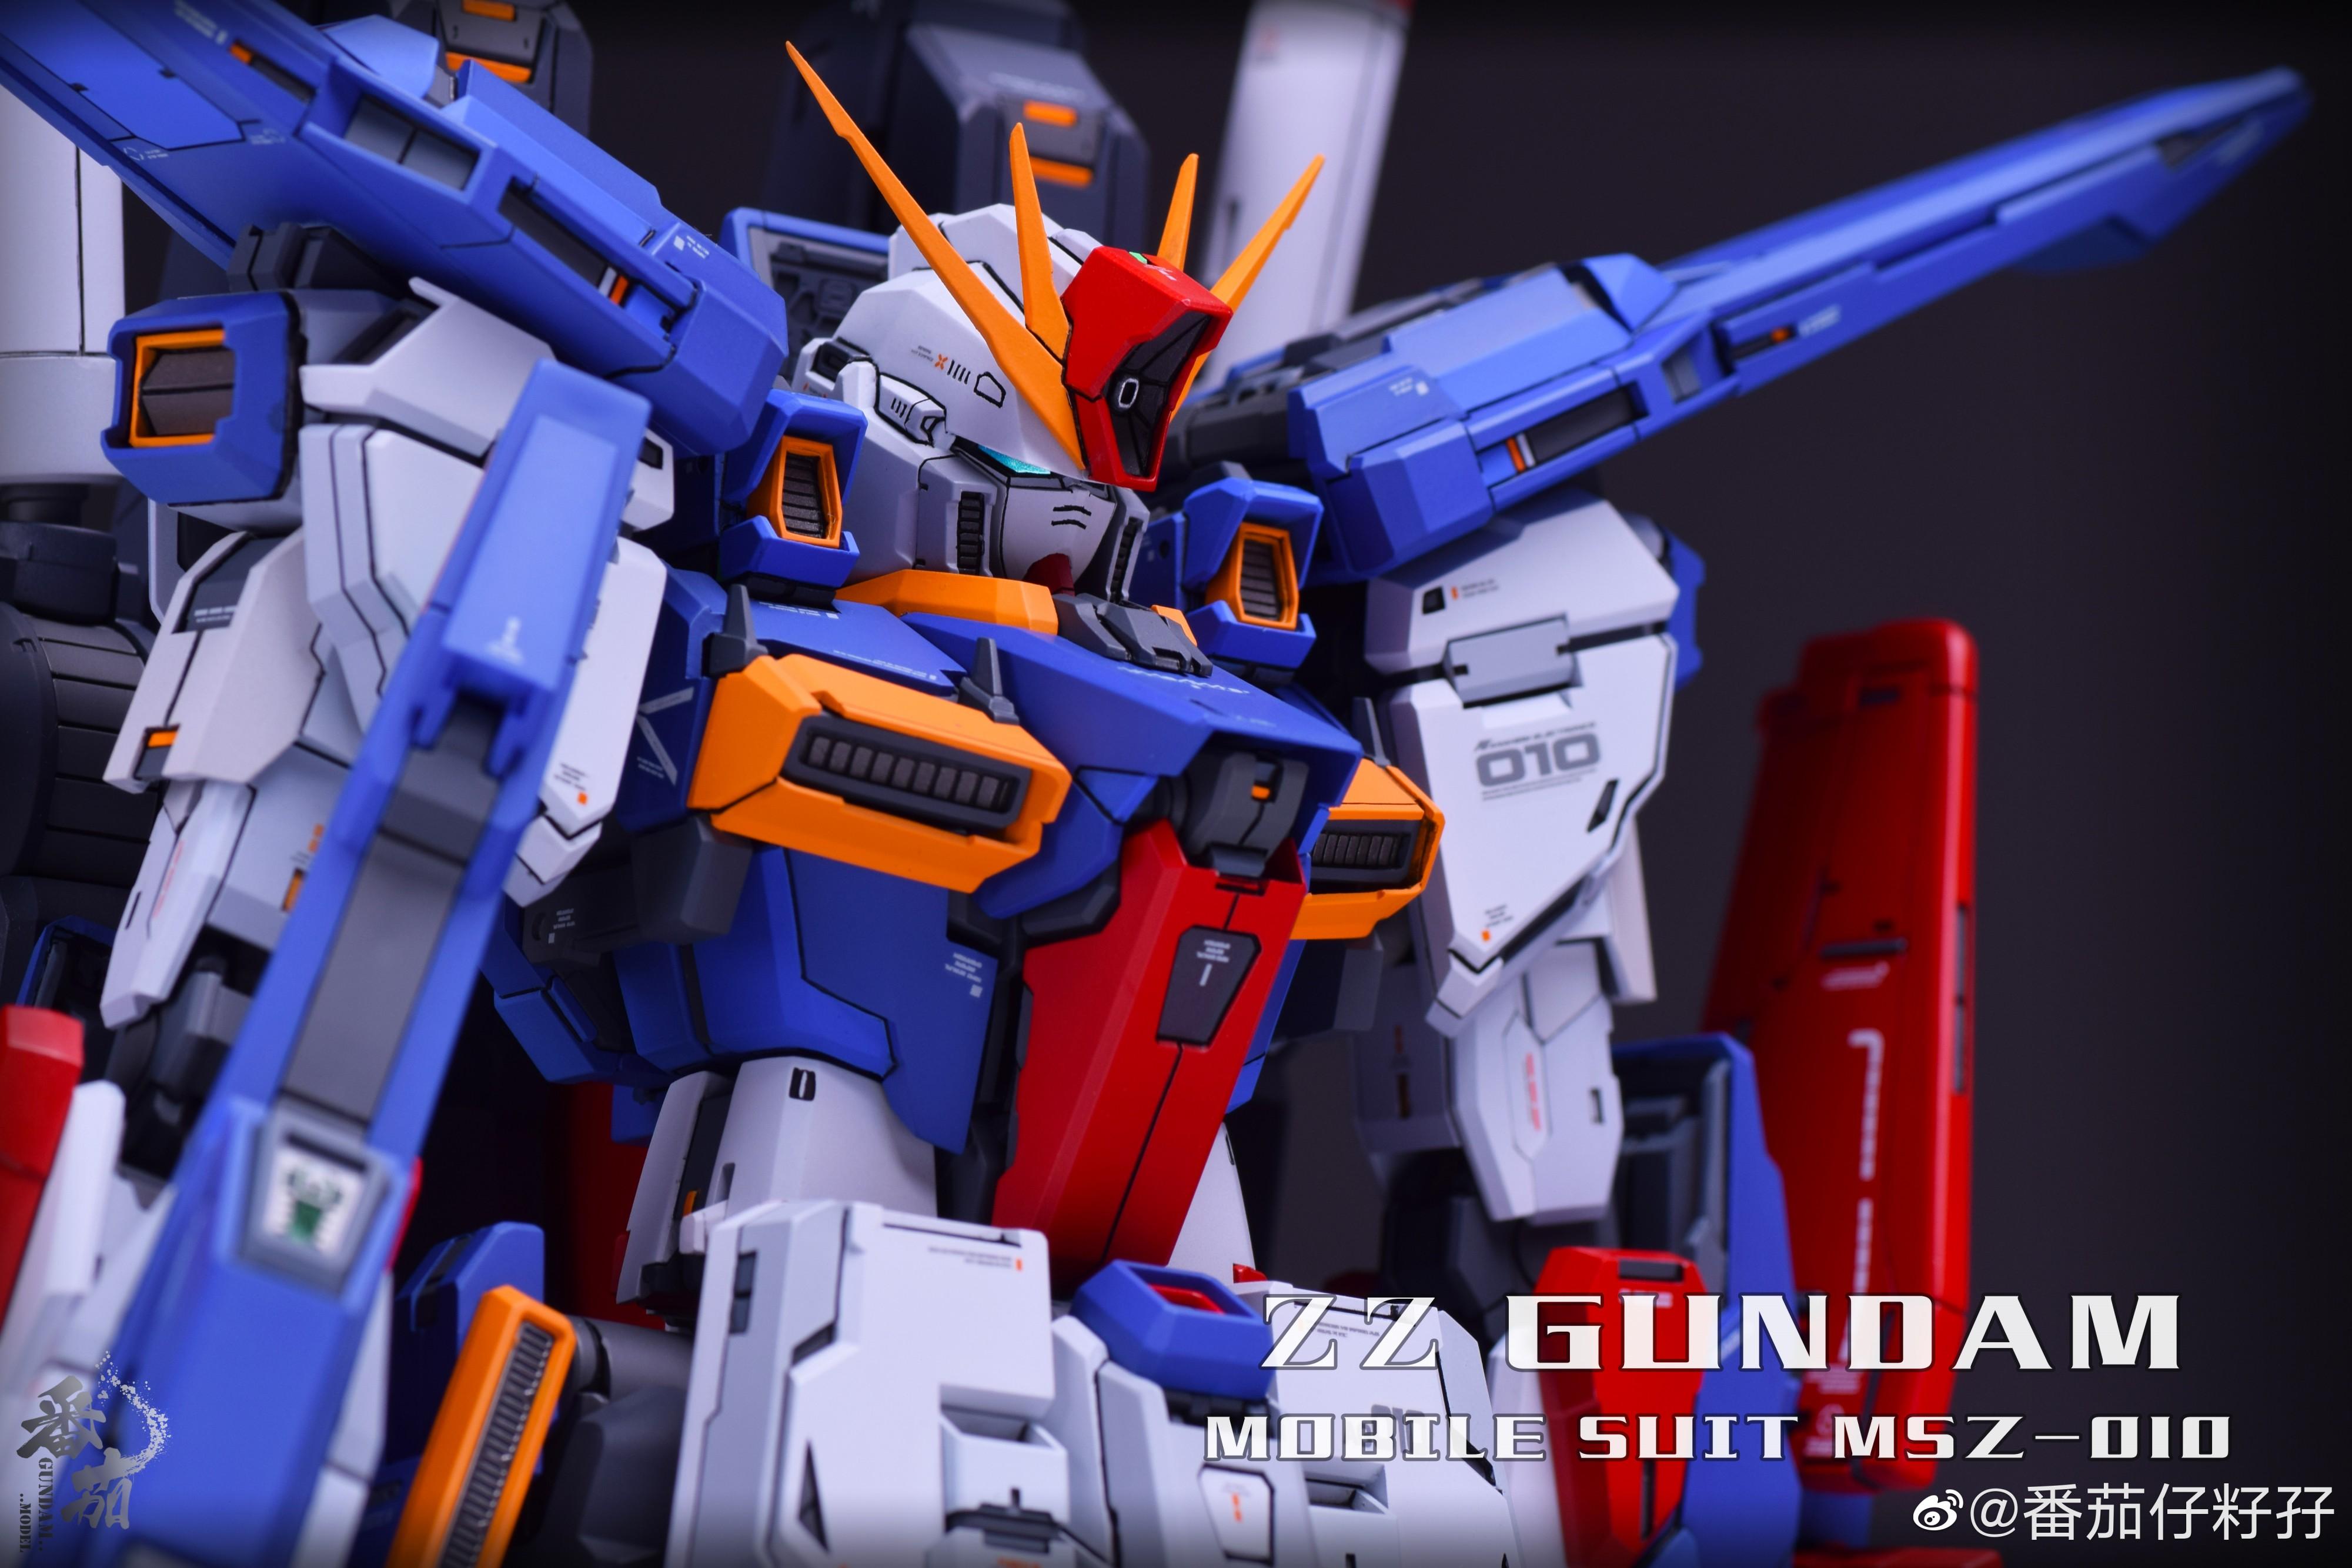 G480_mg_zz_gk_Fortune_Meows_Studio_001.jpg